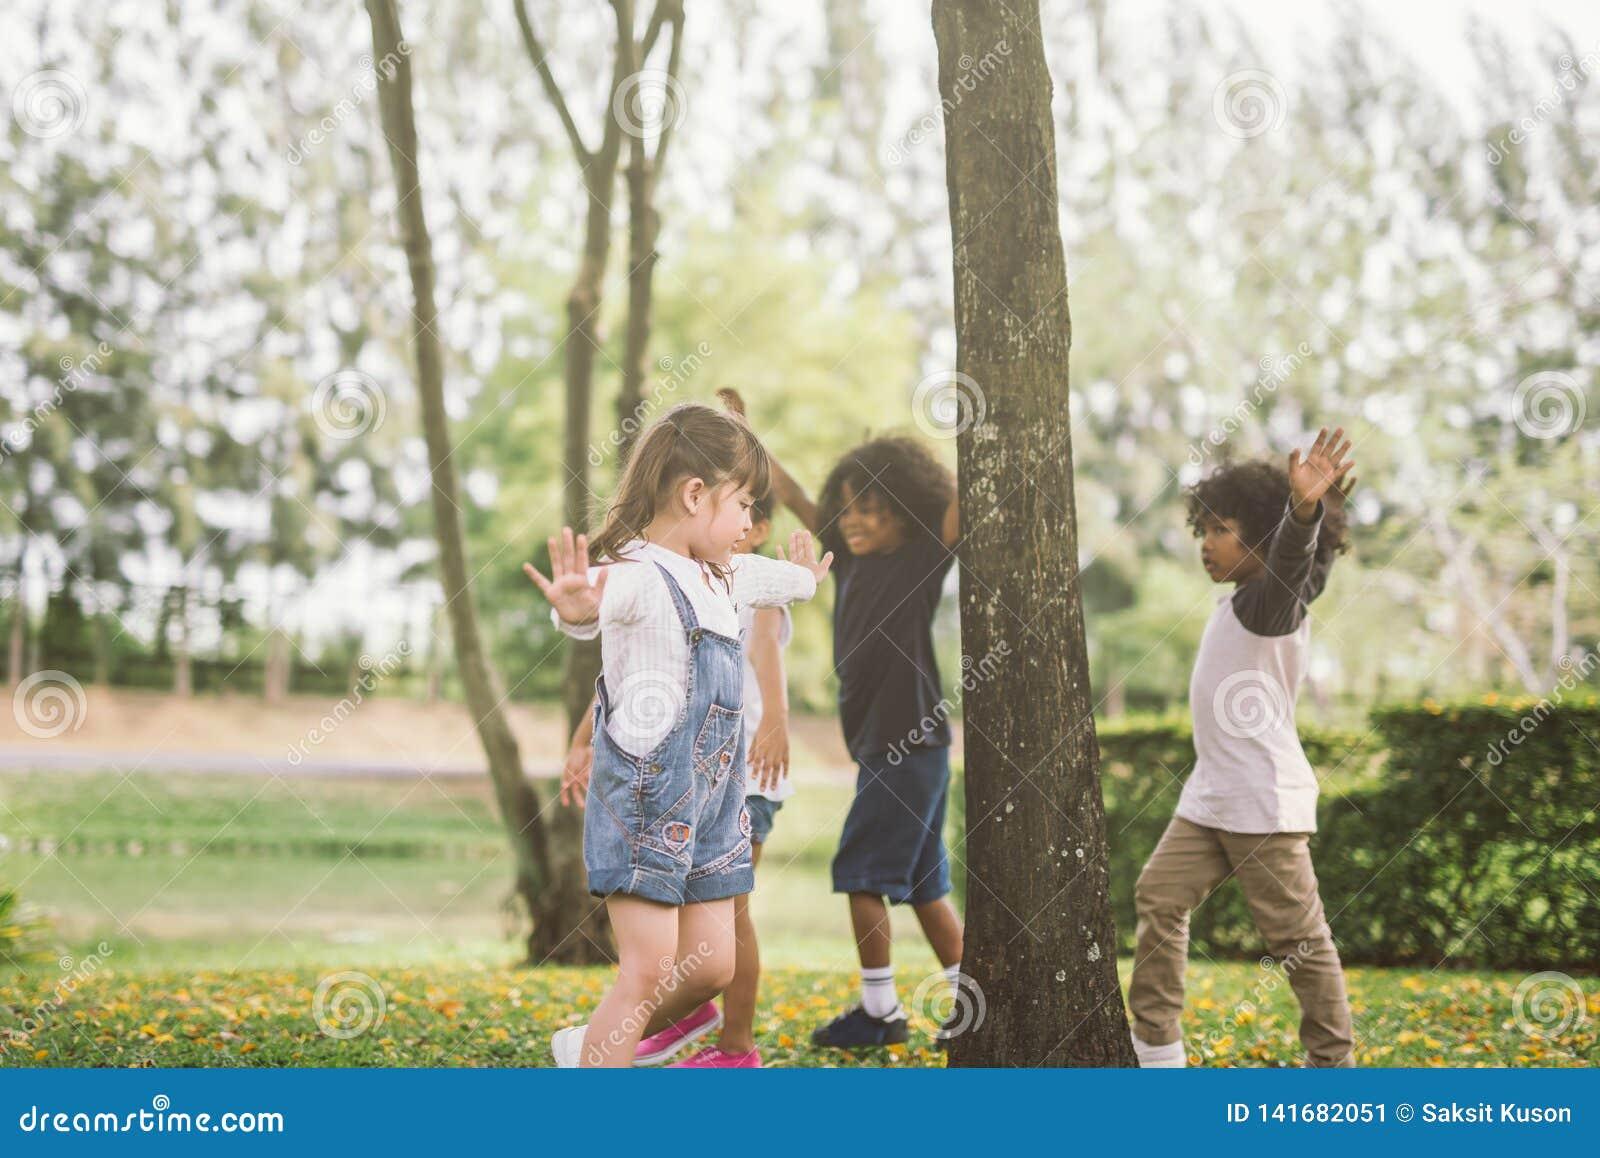 Crianças que jogam com os amigos no parque